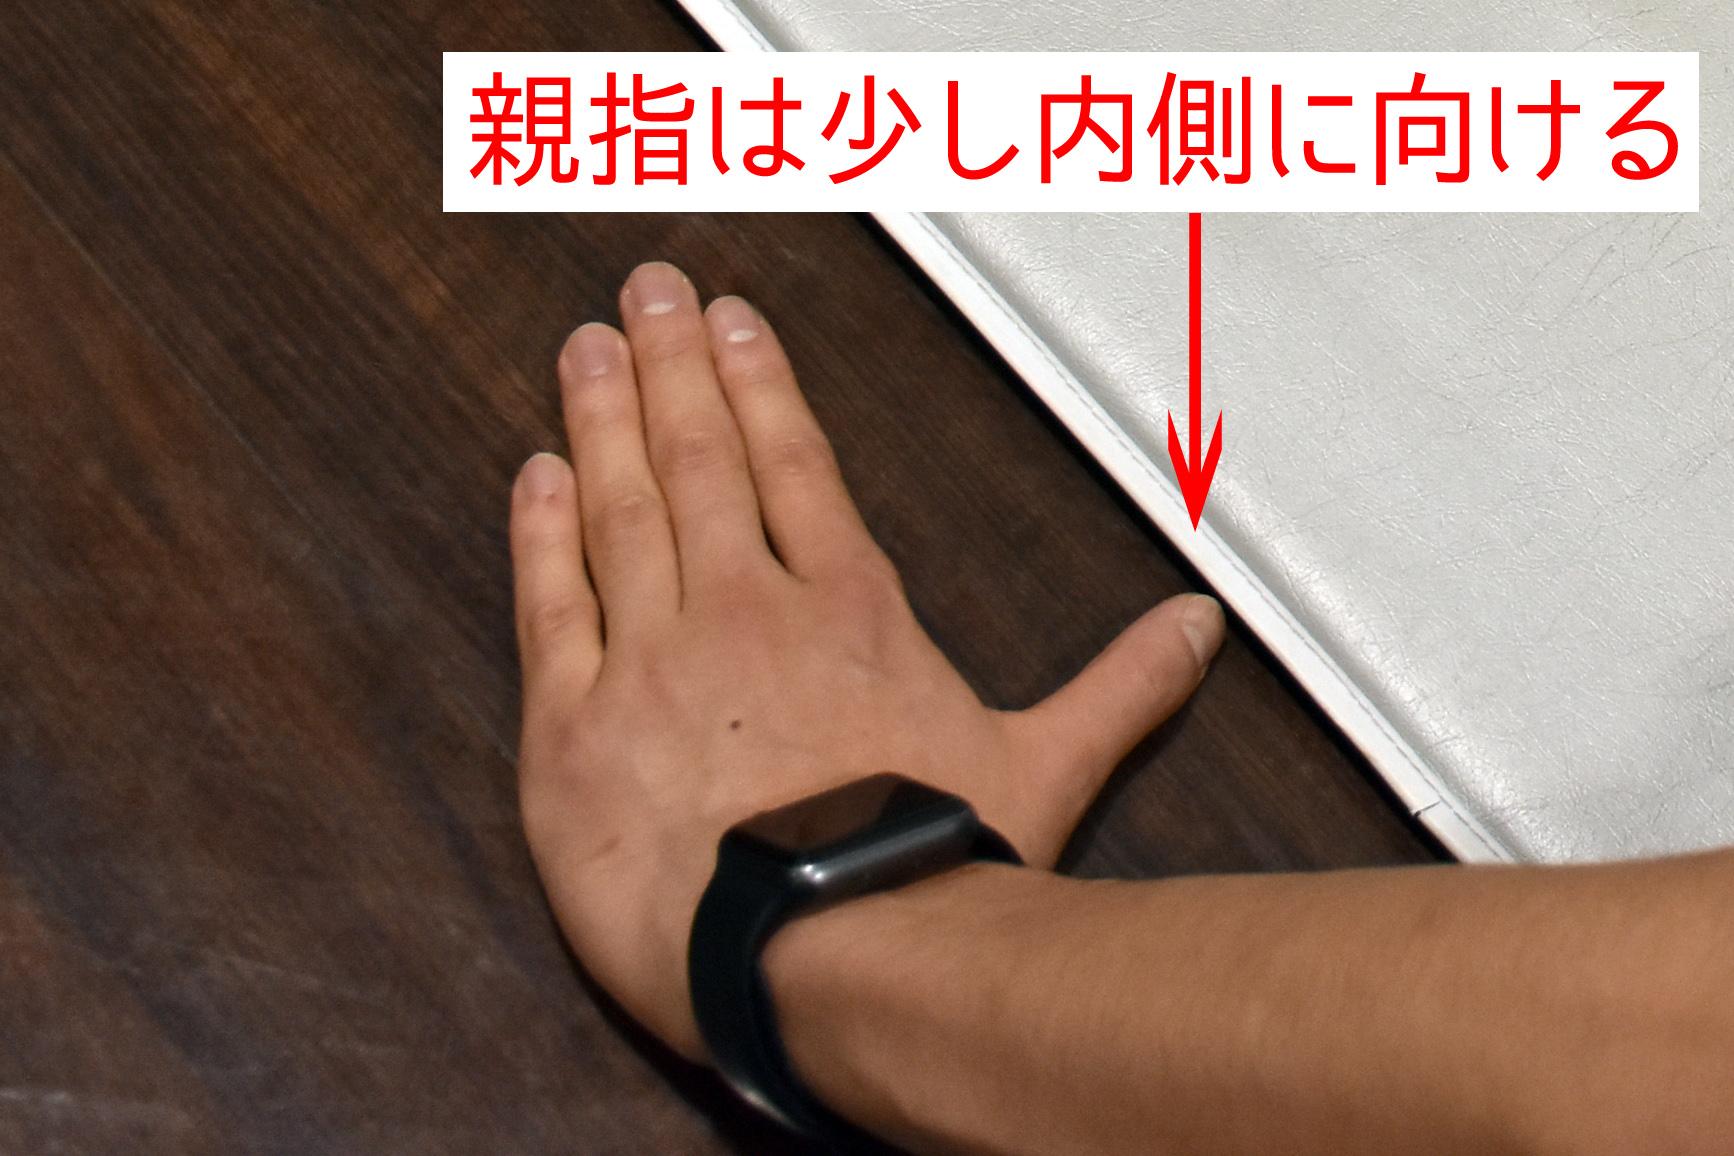 血管 を 出す 腕 方法 の